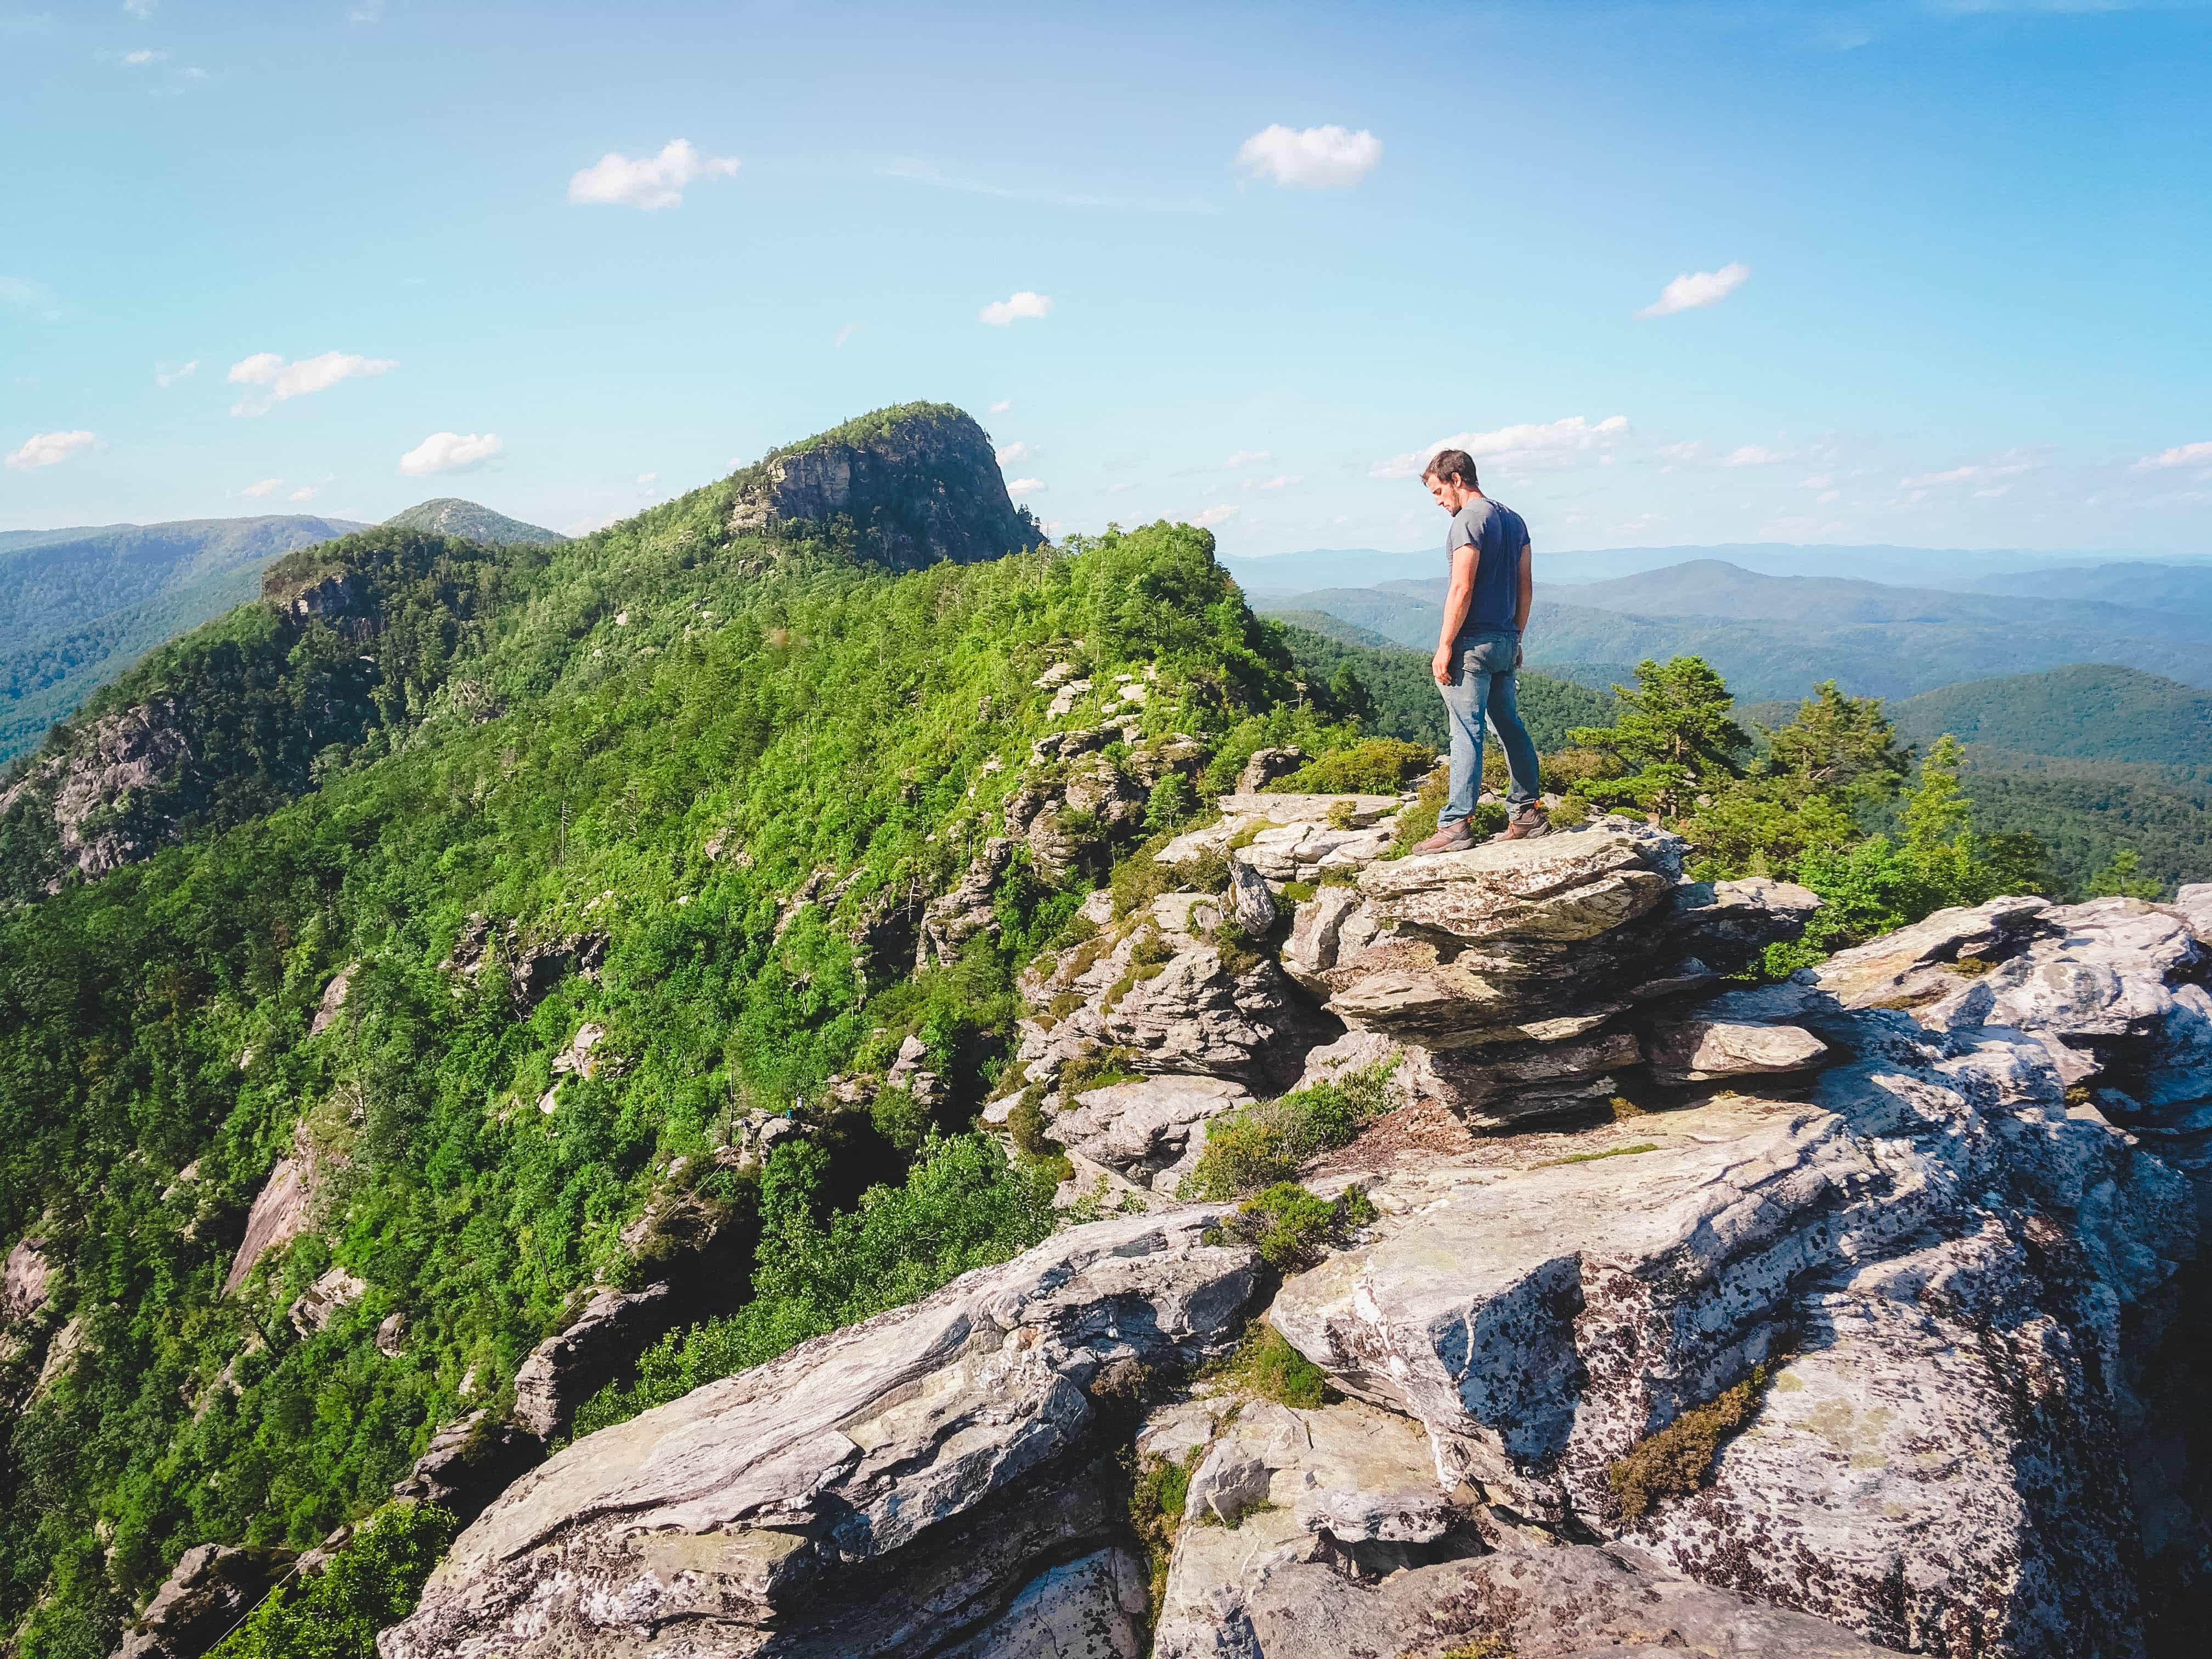 Josh at Table Rock, North Carolina